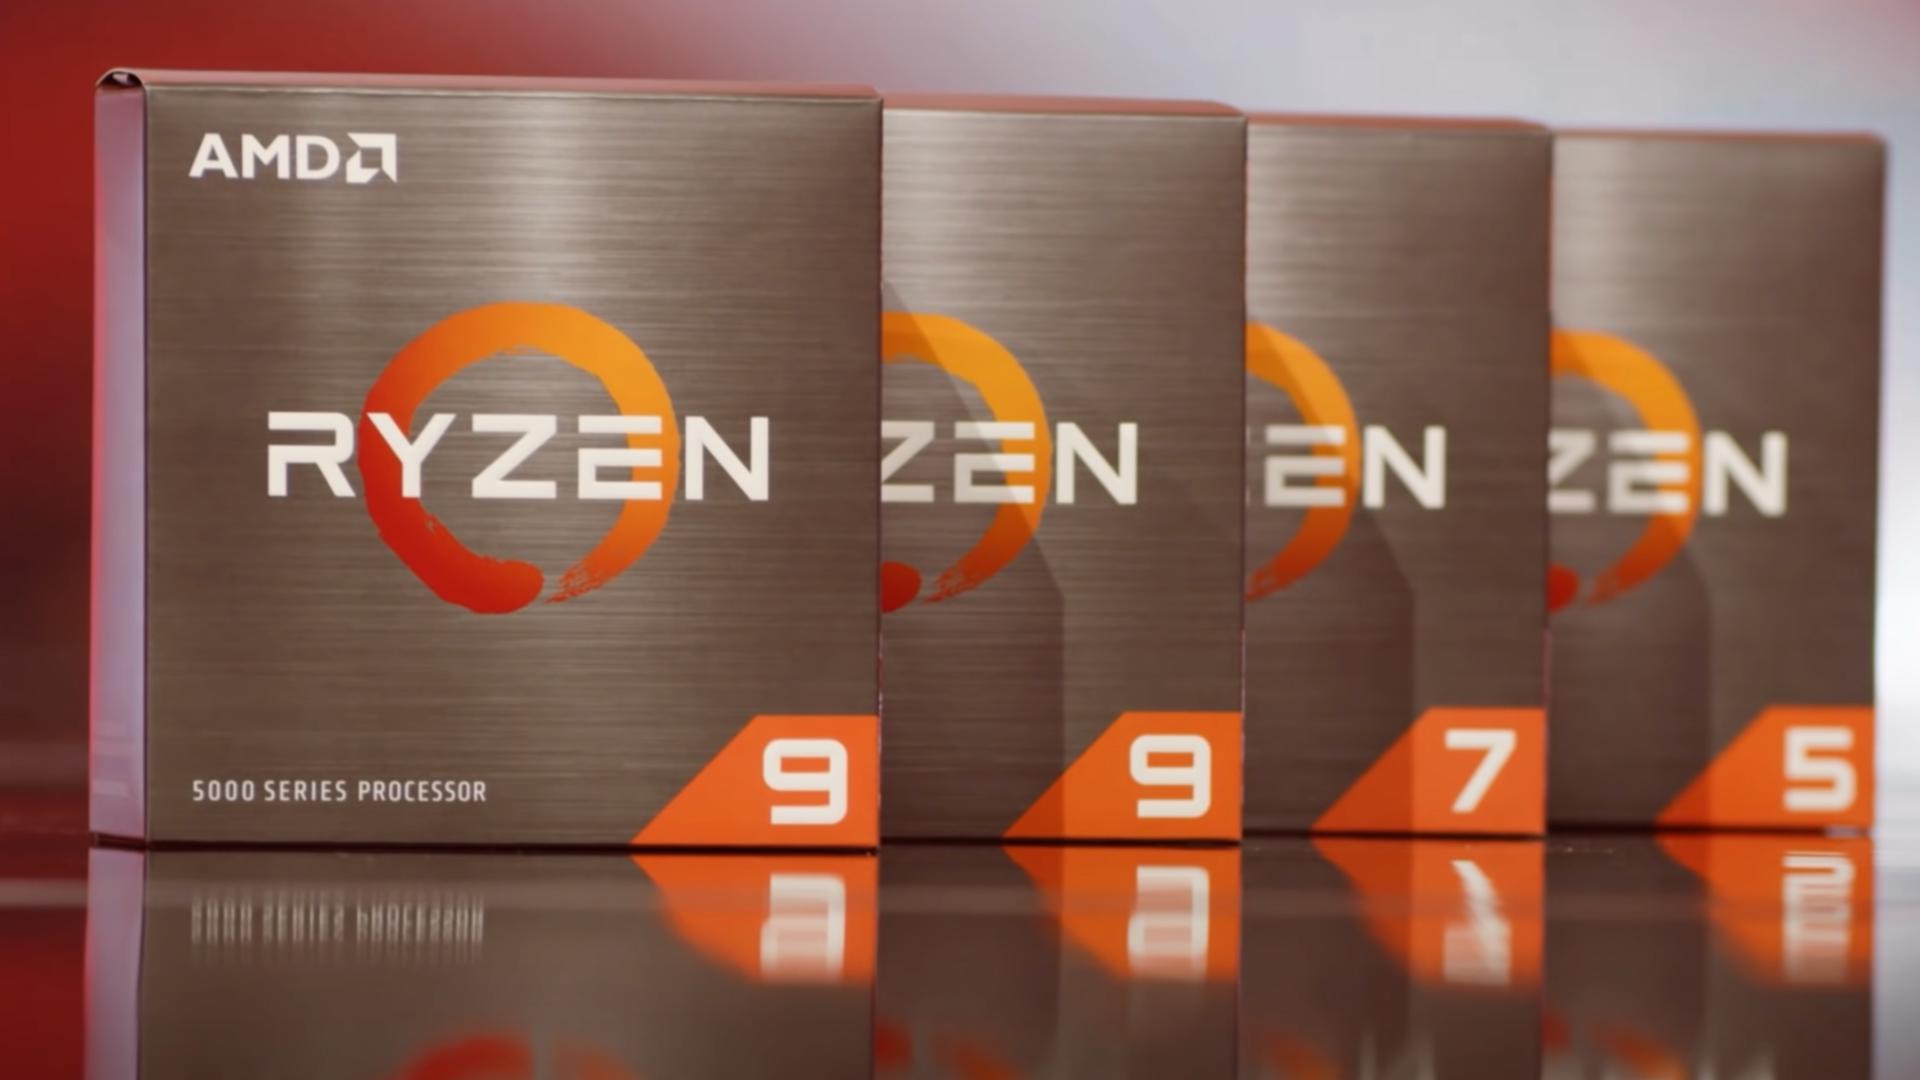 AMD Ryzen : quel est le meilleur processeur pour votre configuration PC ? - Journal du geek